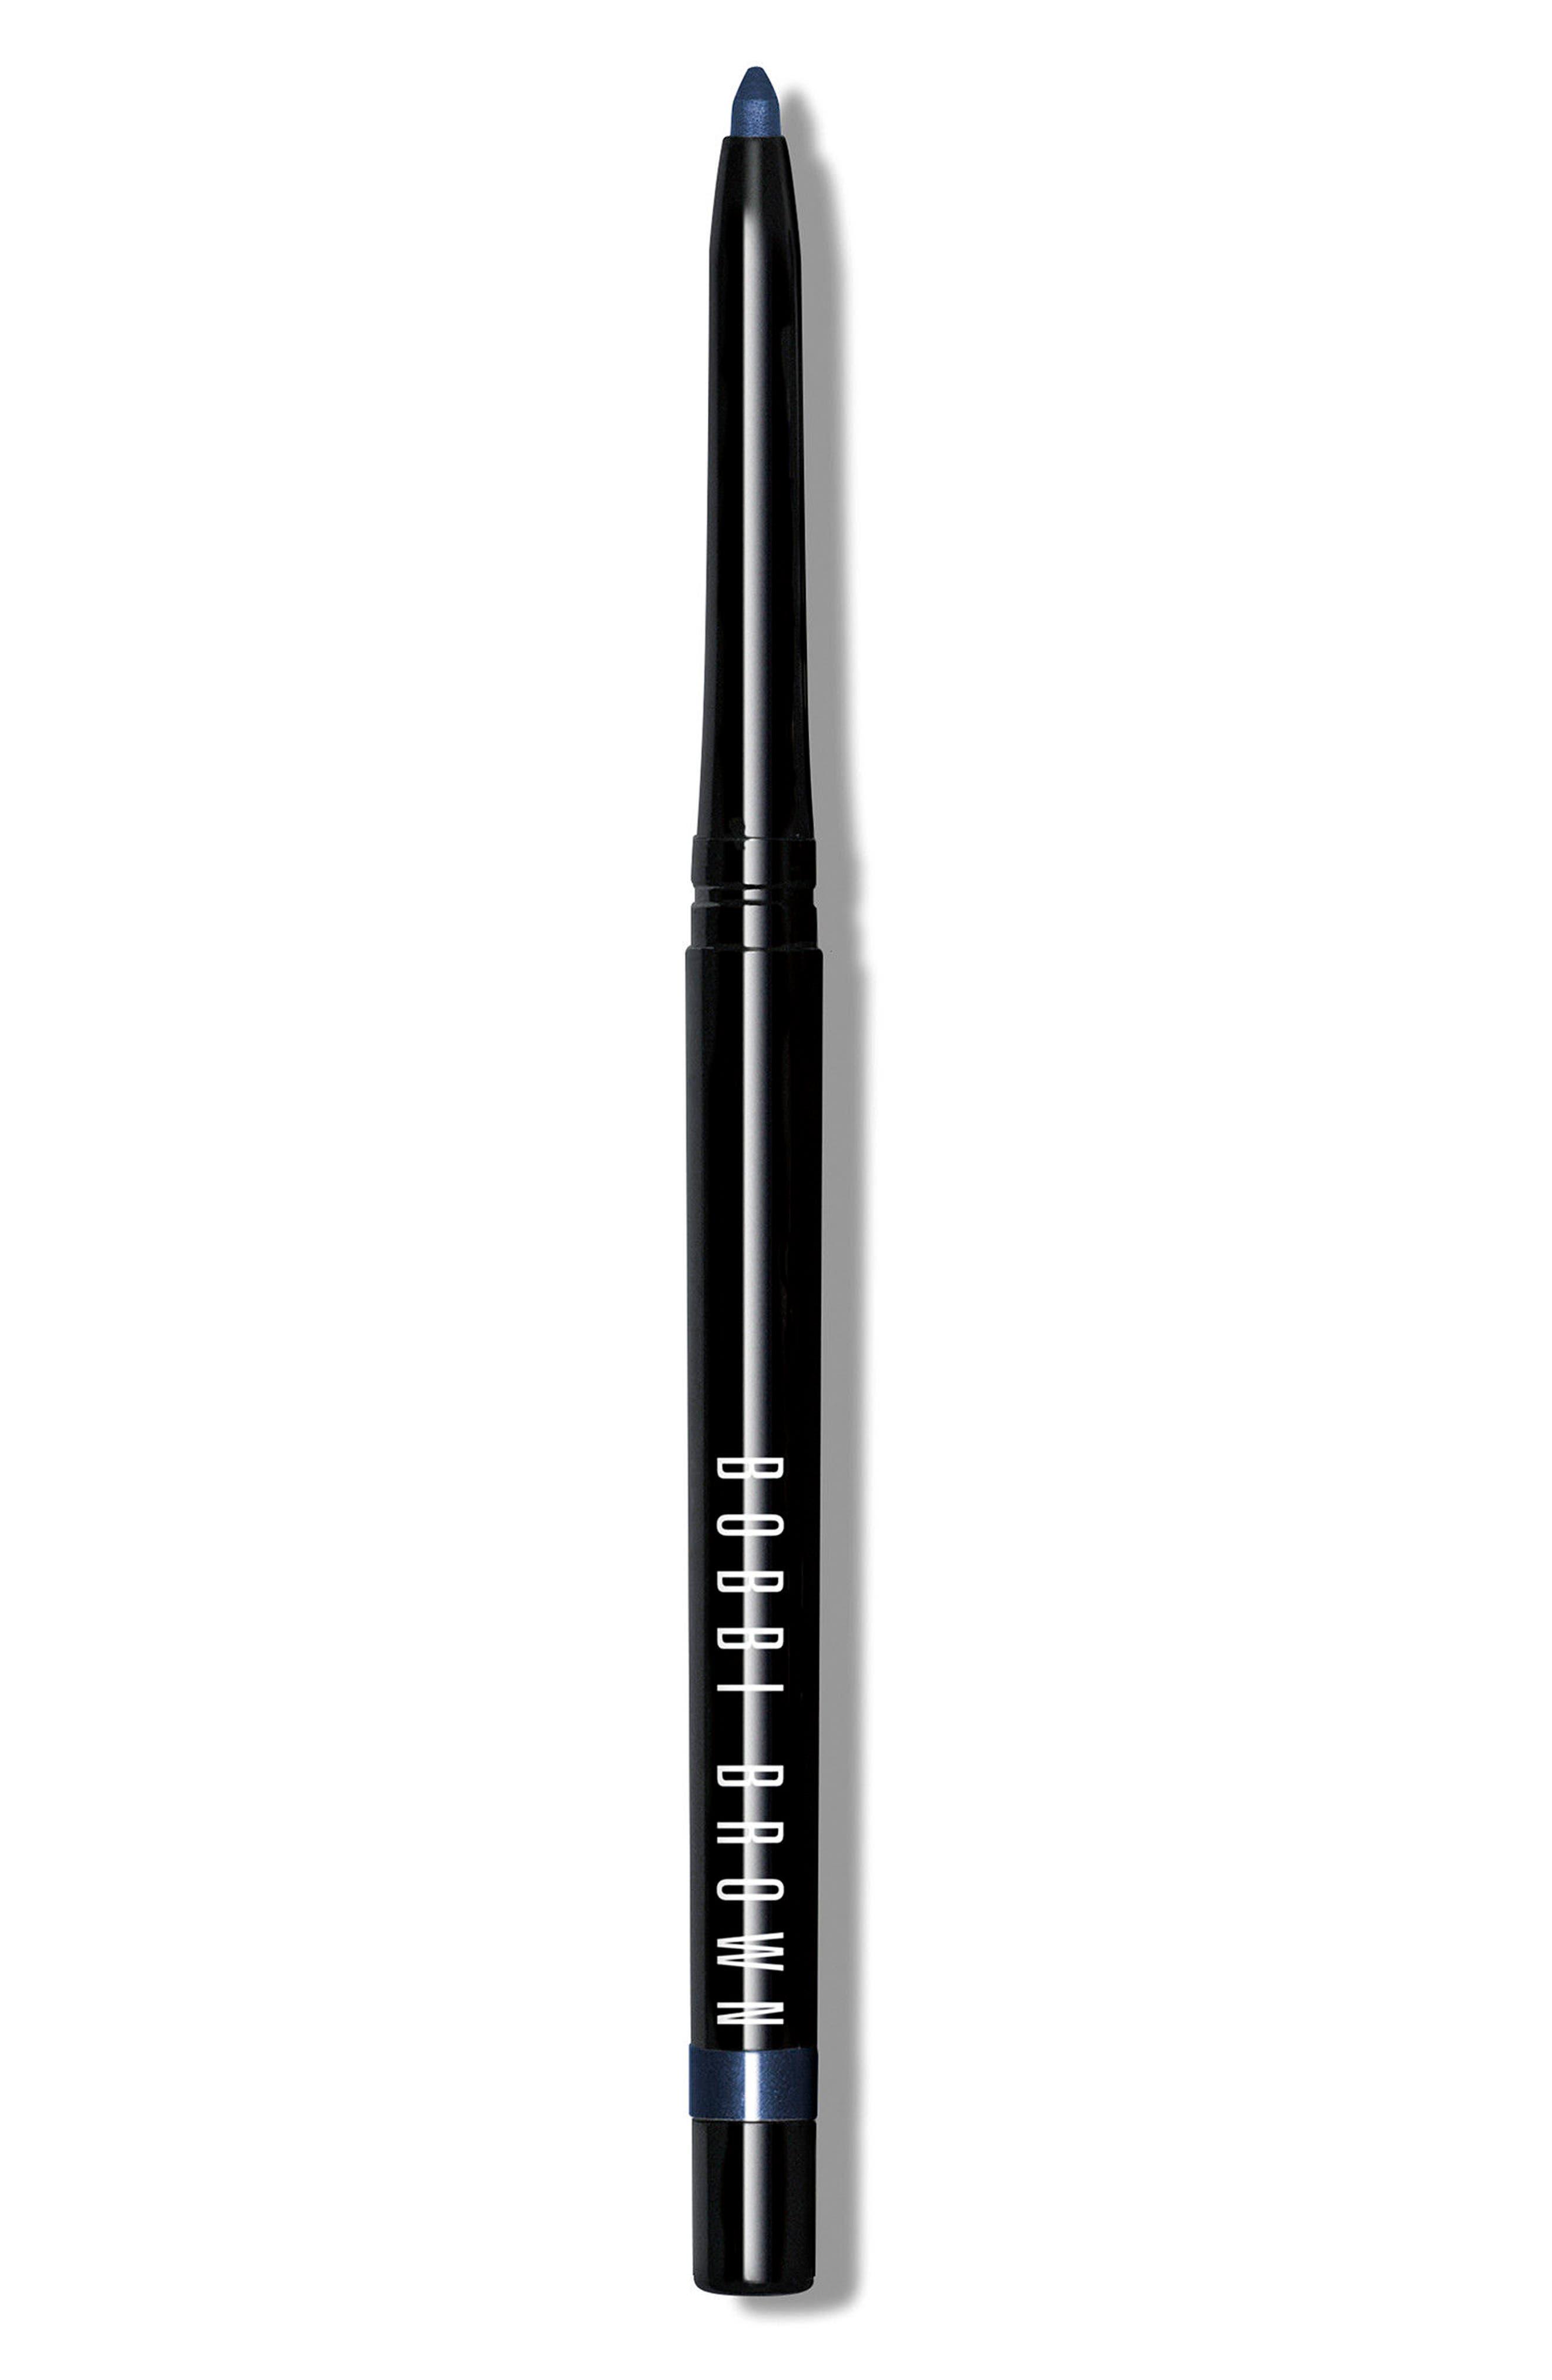 Bobbi Brown Perfectly Defined Gel Eyeliner - Sapphire